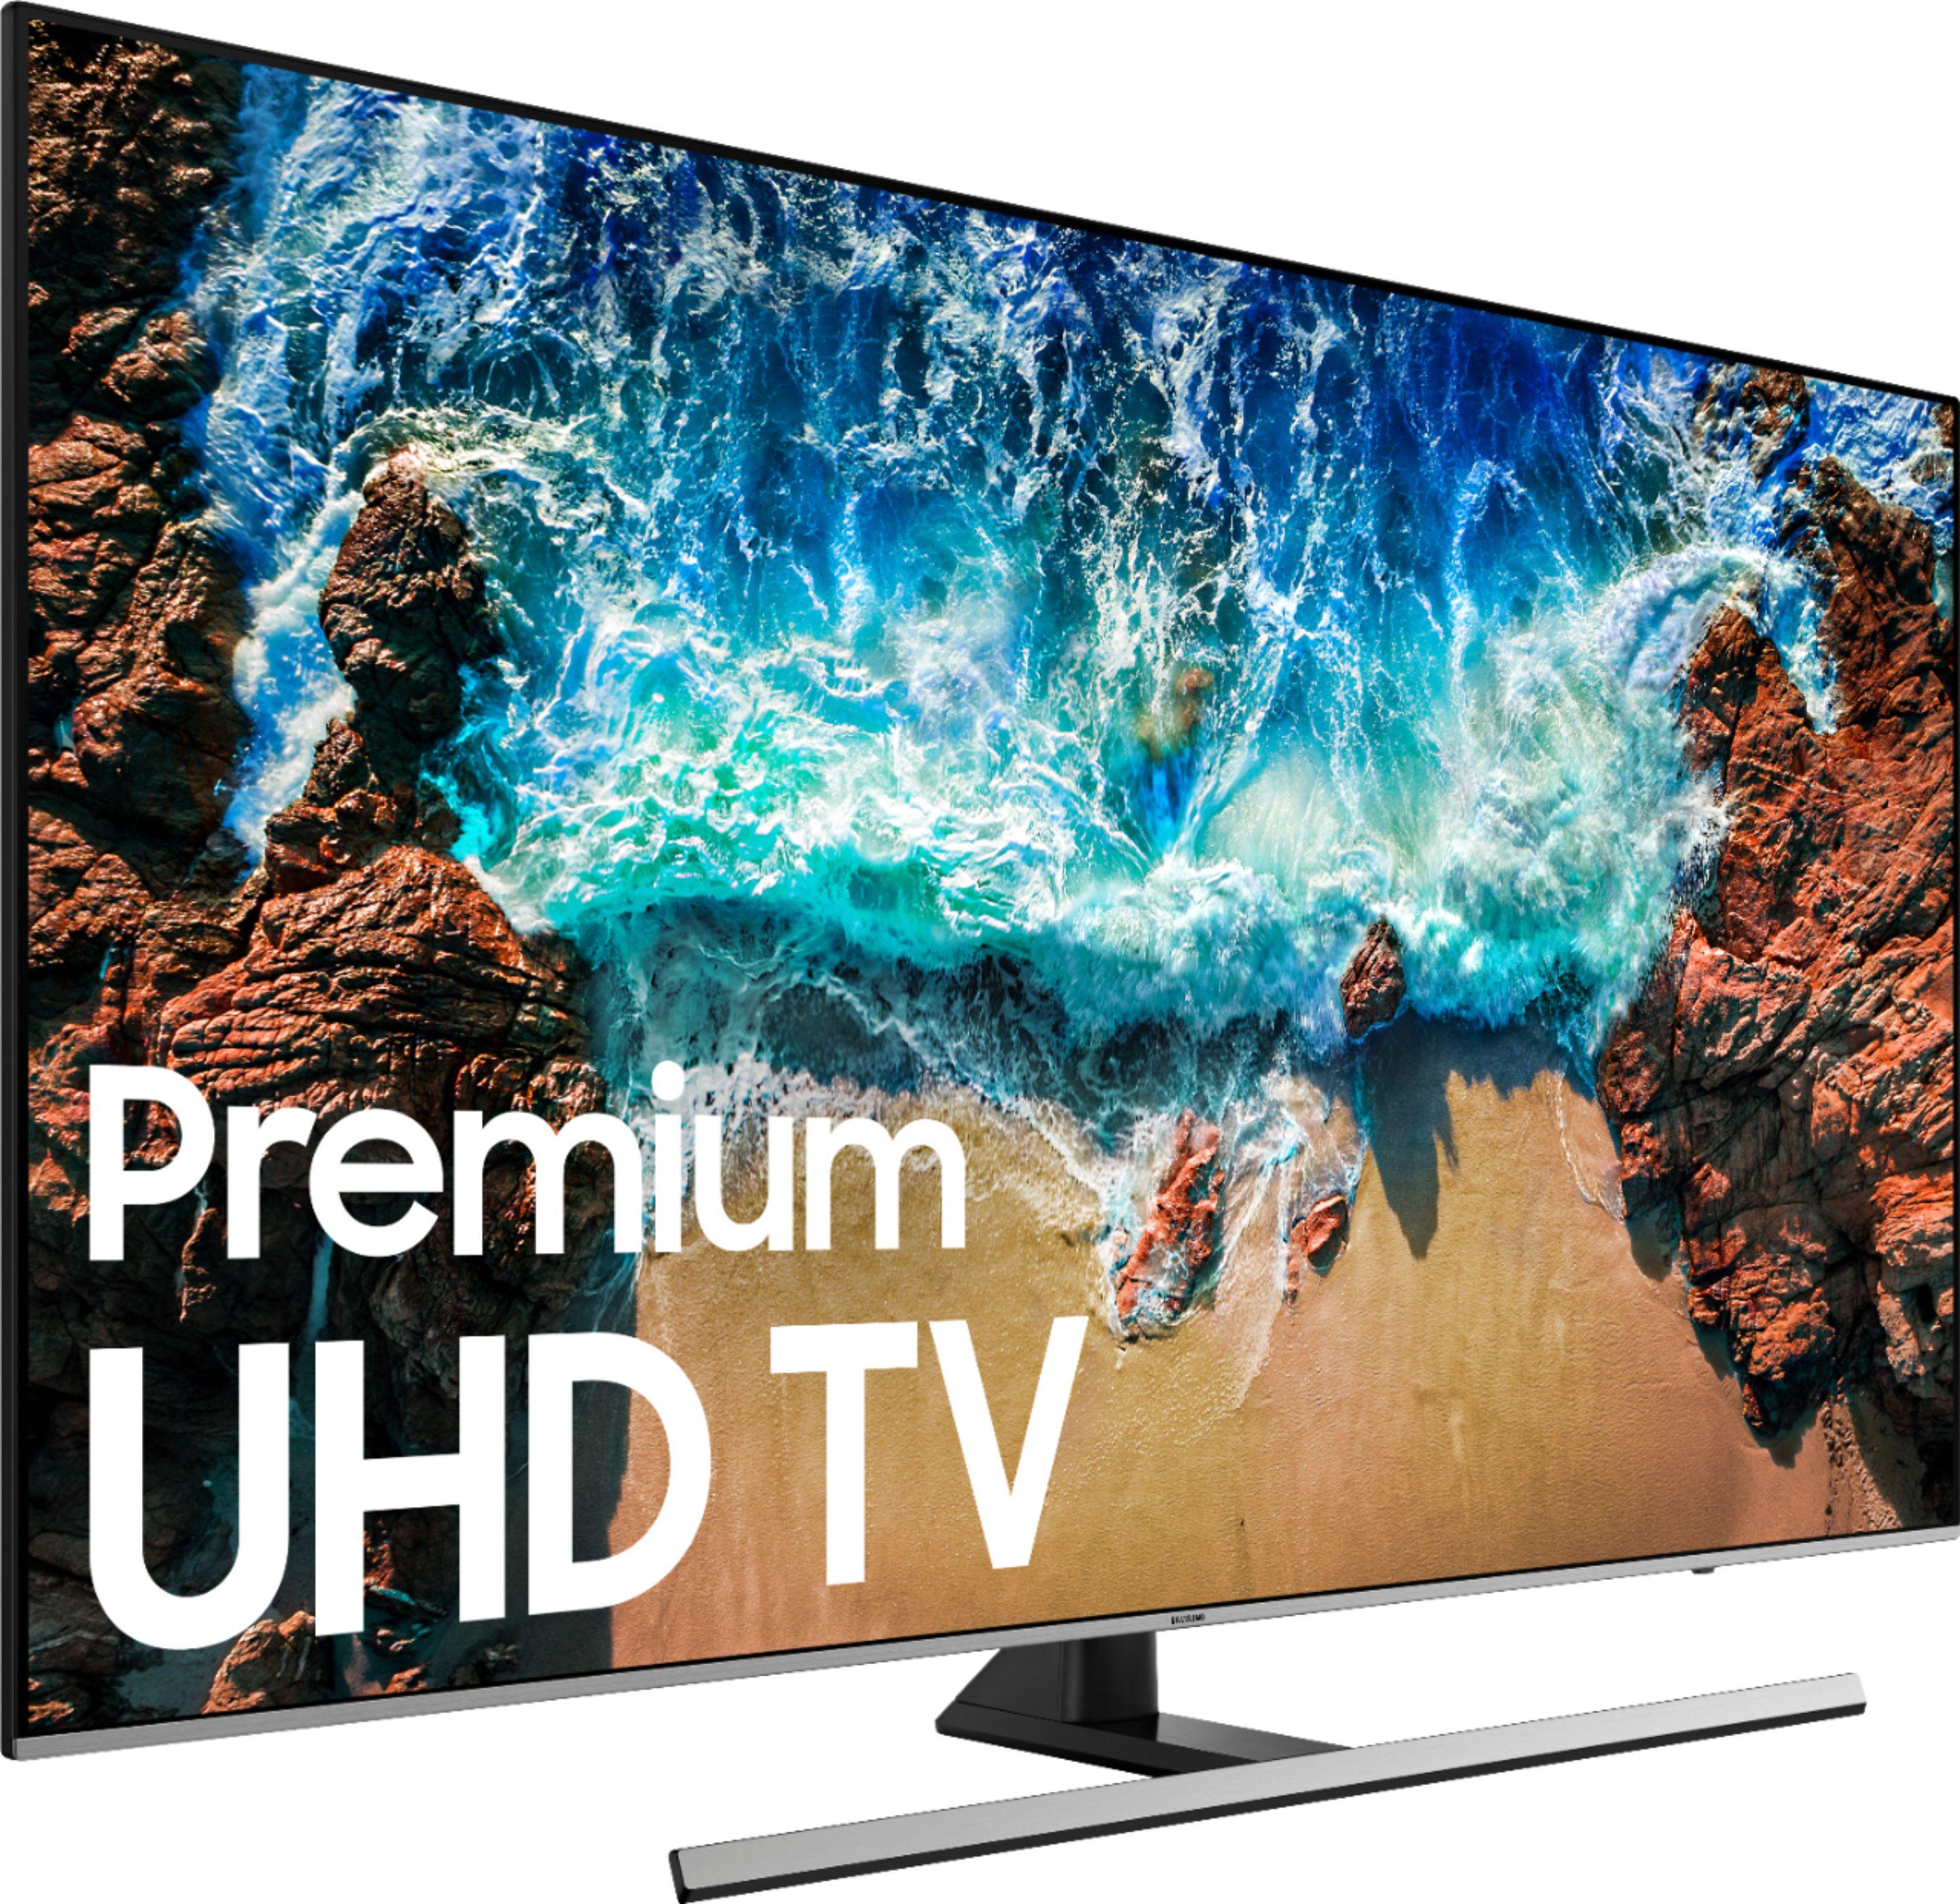 Image 19 for Samsung UN65NU8000FXZA